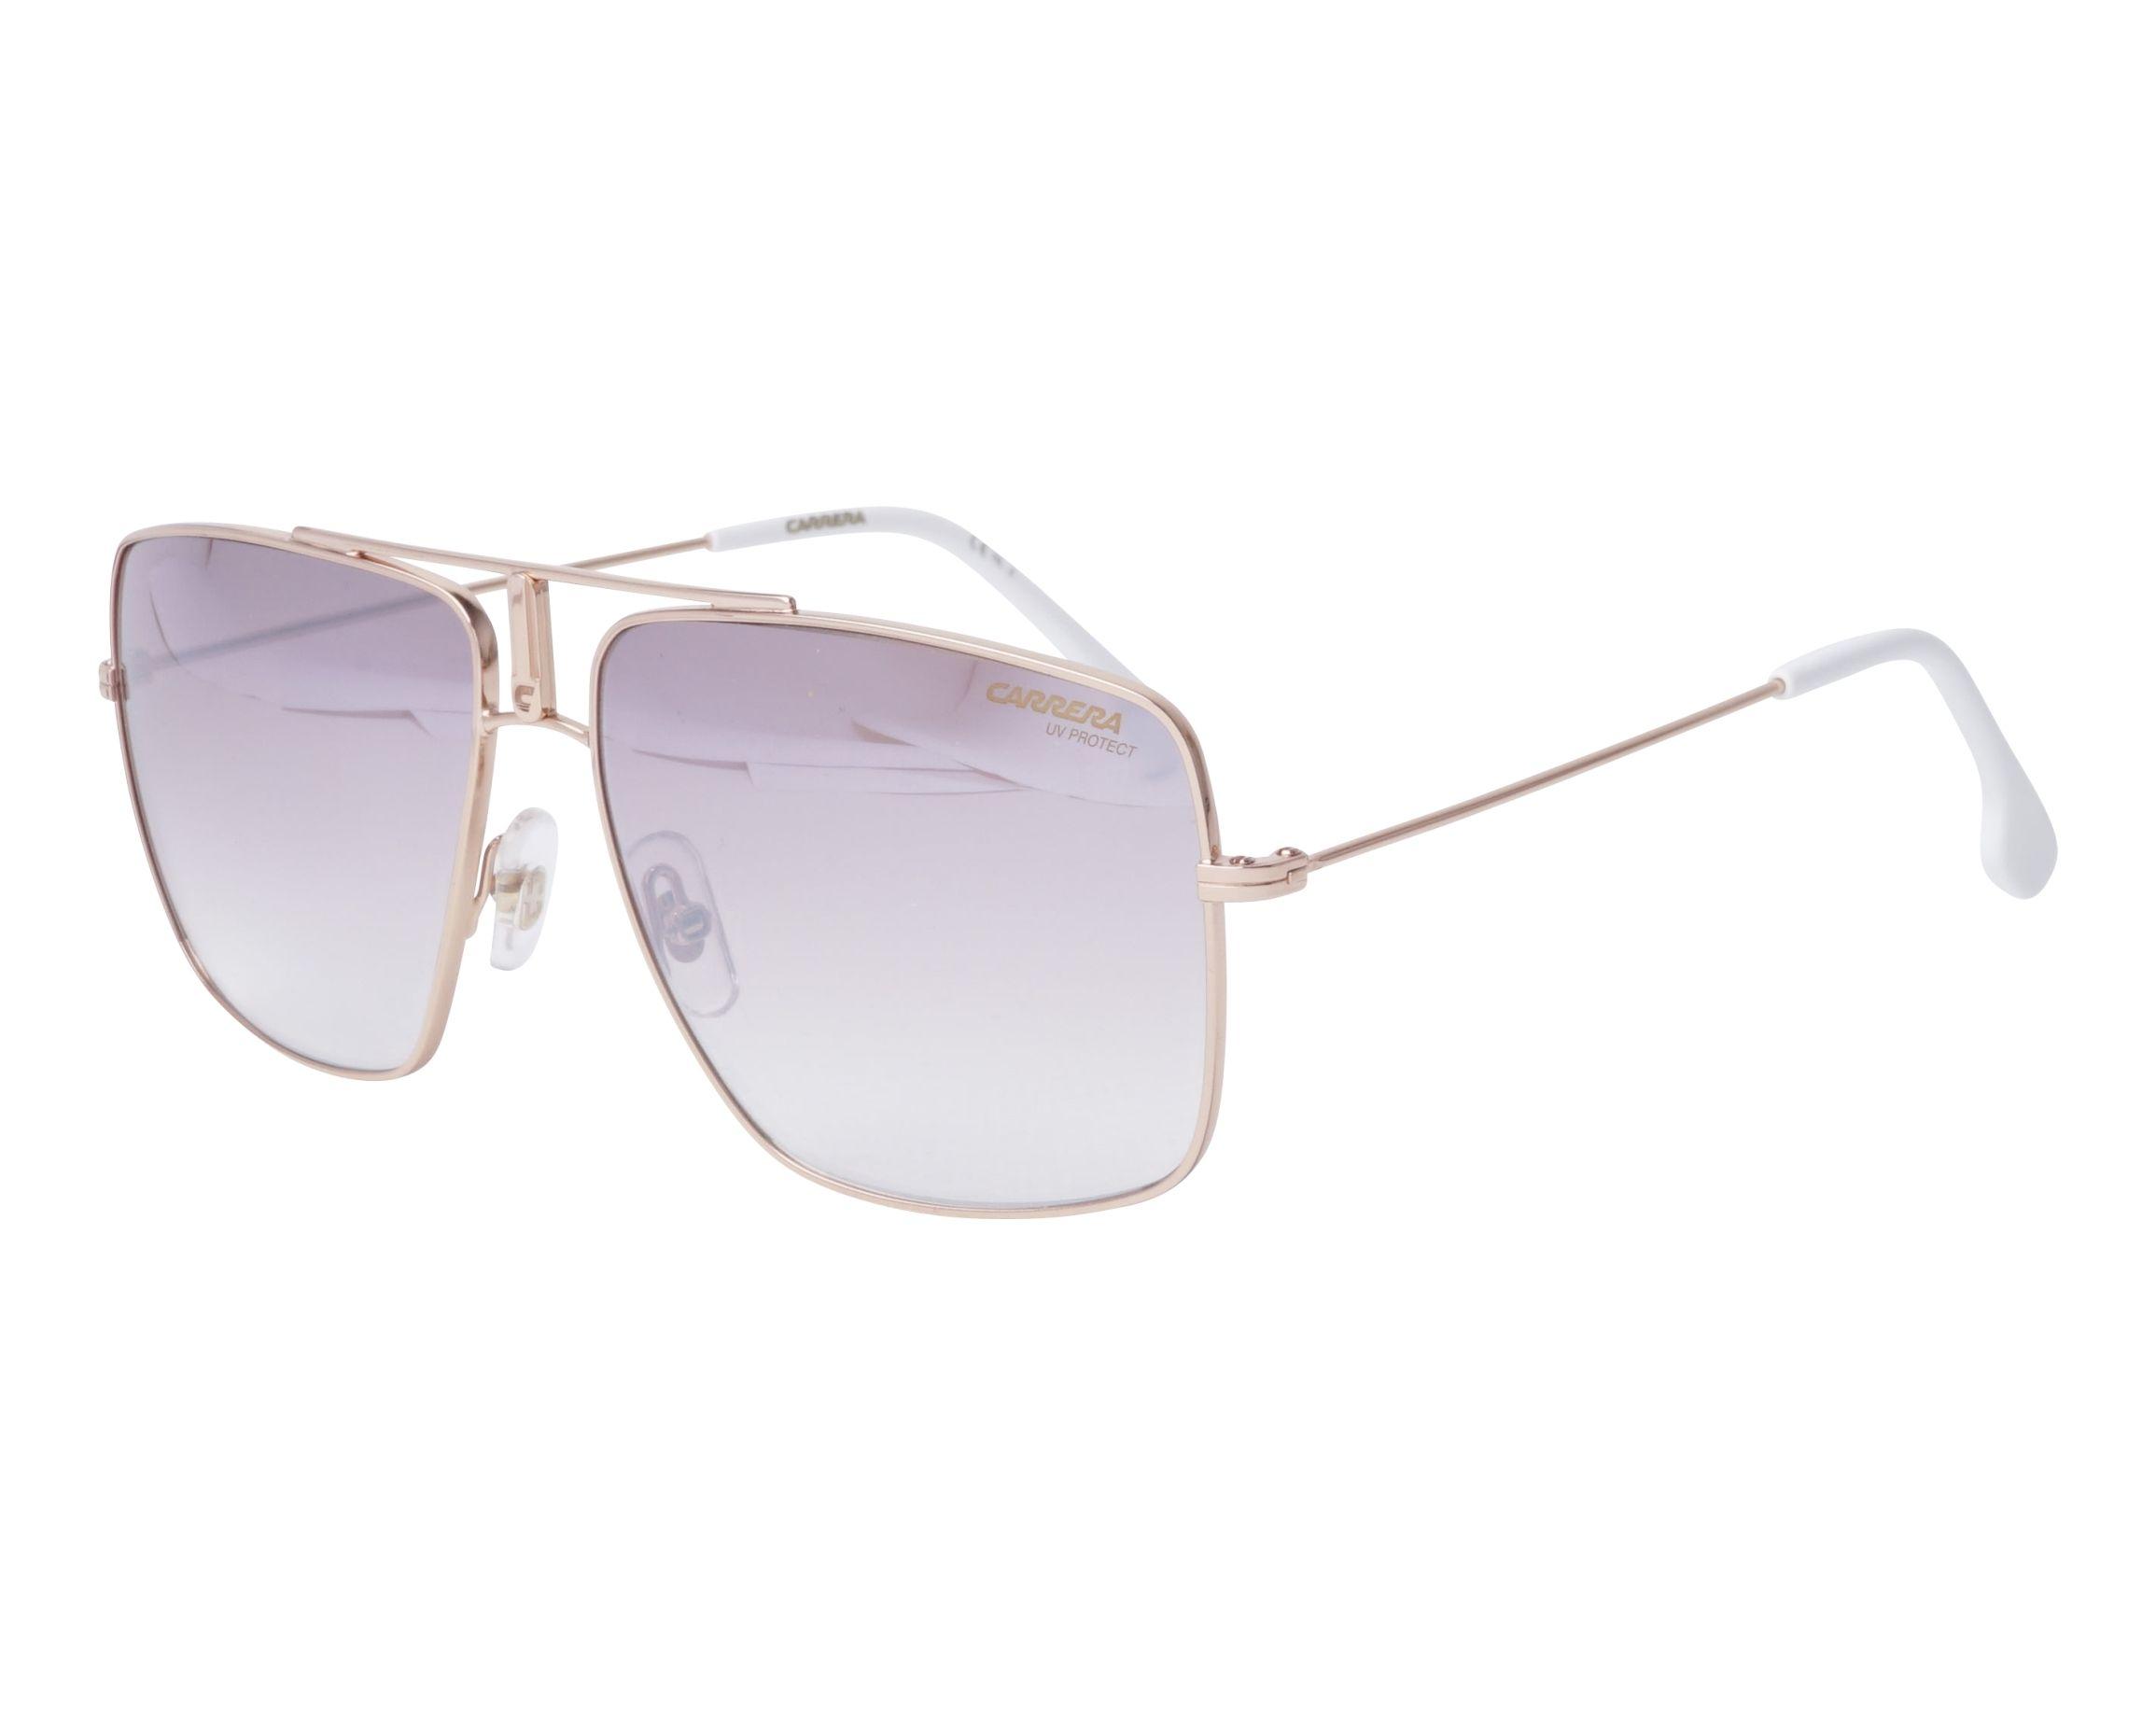 5081e2f5606c11 Sunglasses Carrera 1006-S DDBNQ - Gold Copper profile view